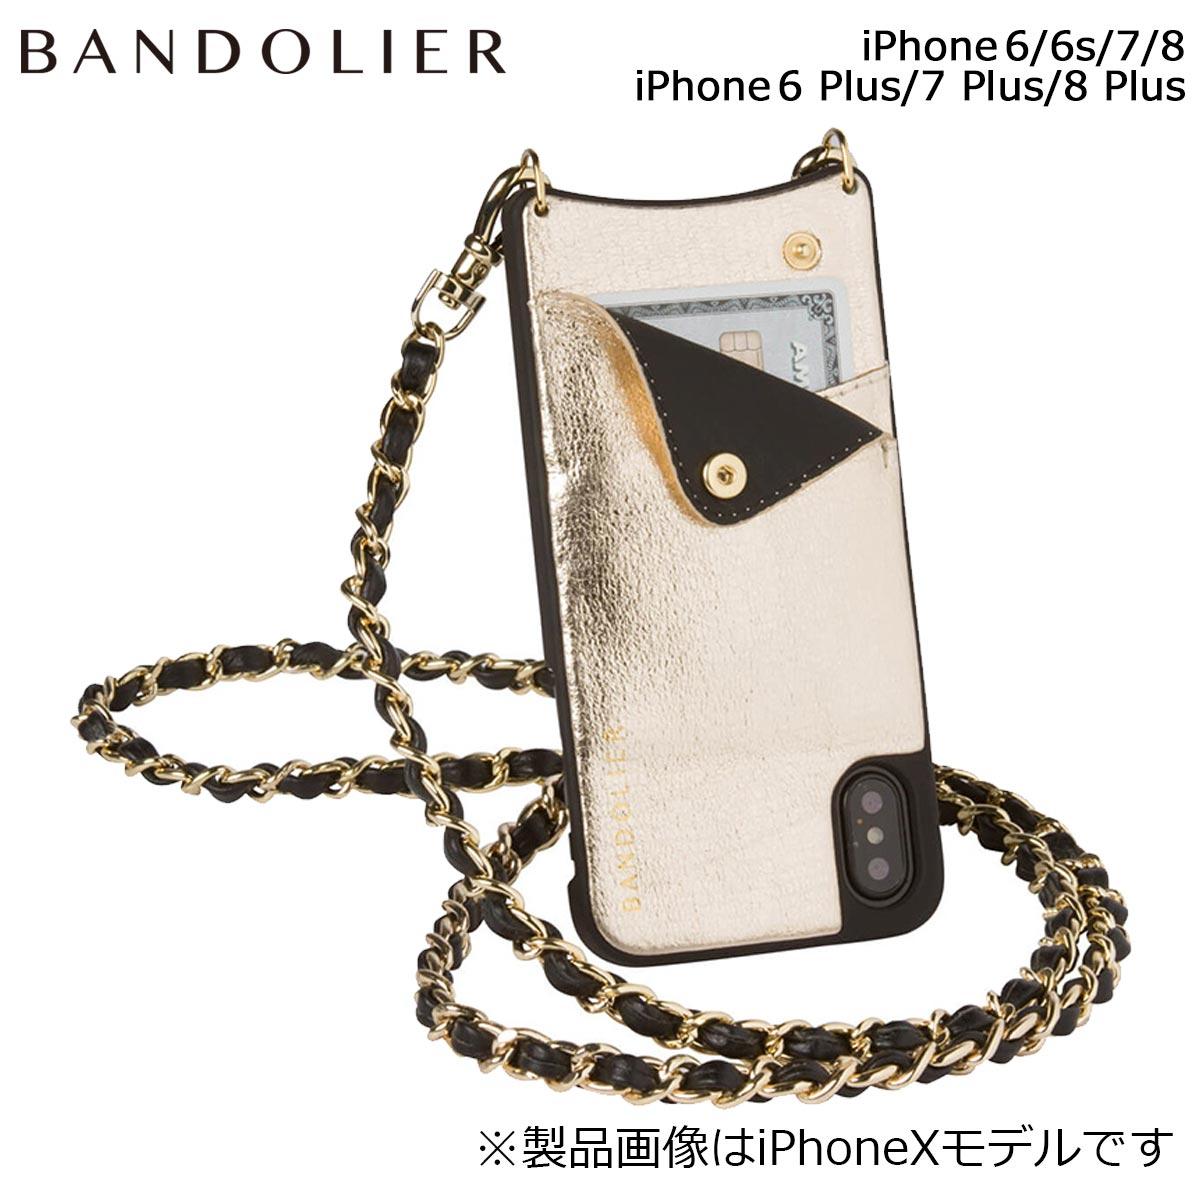 BANDOLIER LUCY METALLIC GOLD バンドリヤー iPhone8 iPhone7 7Plus 6s ケース スマホ アイフォン プラス メンズ レディース ゴールド